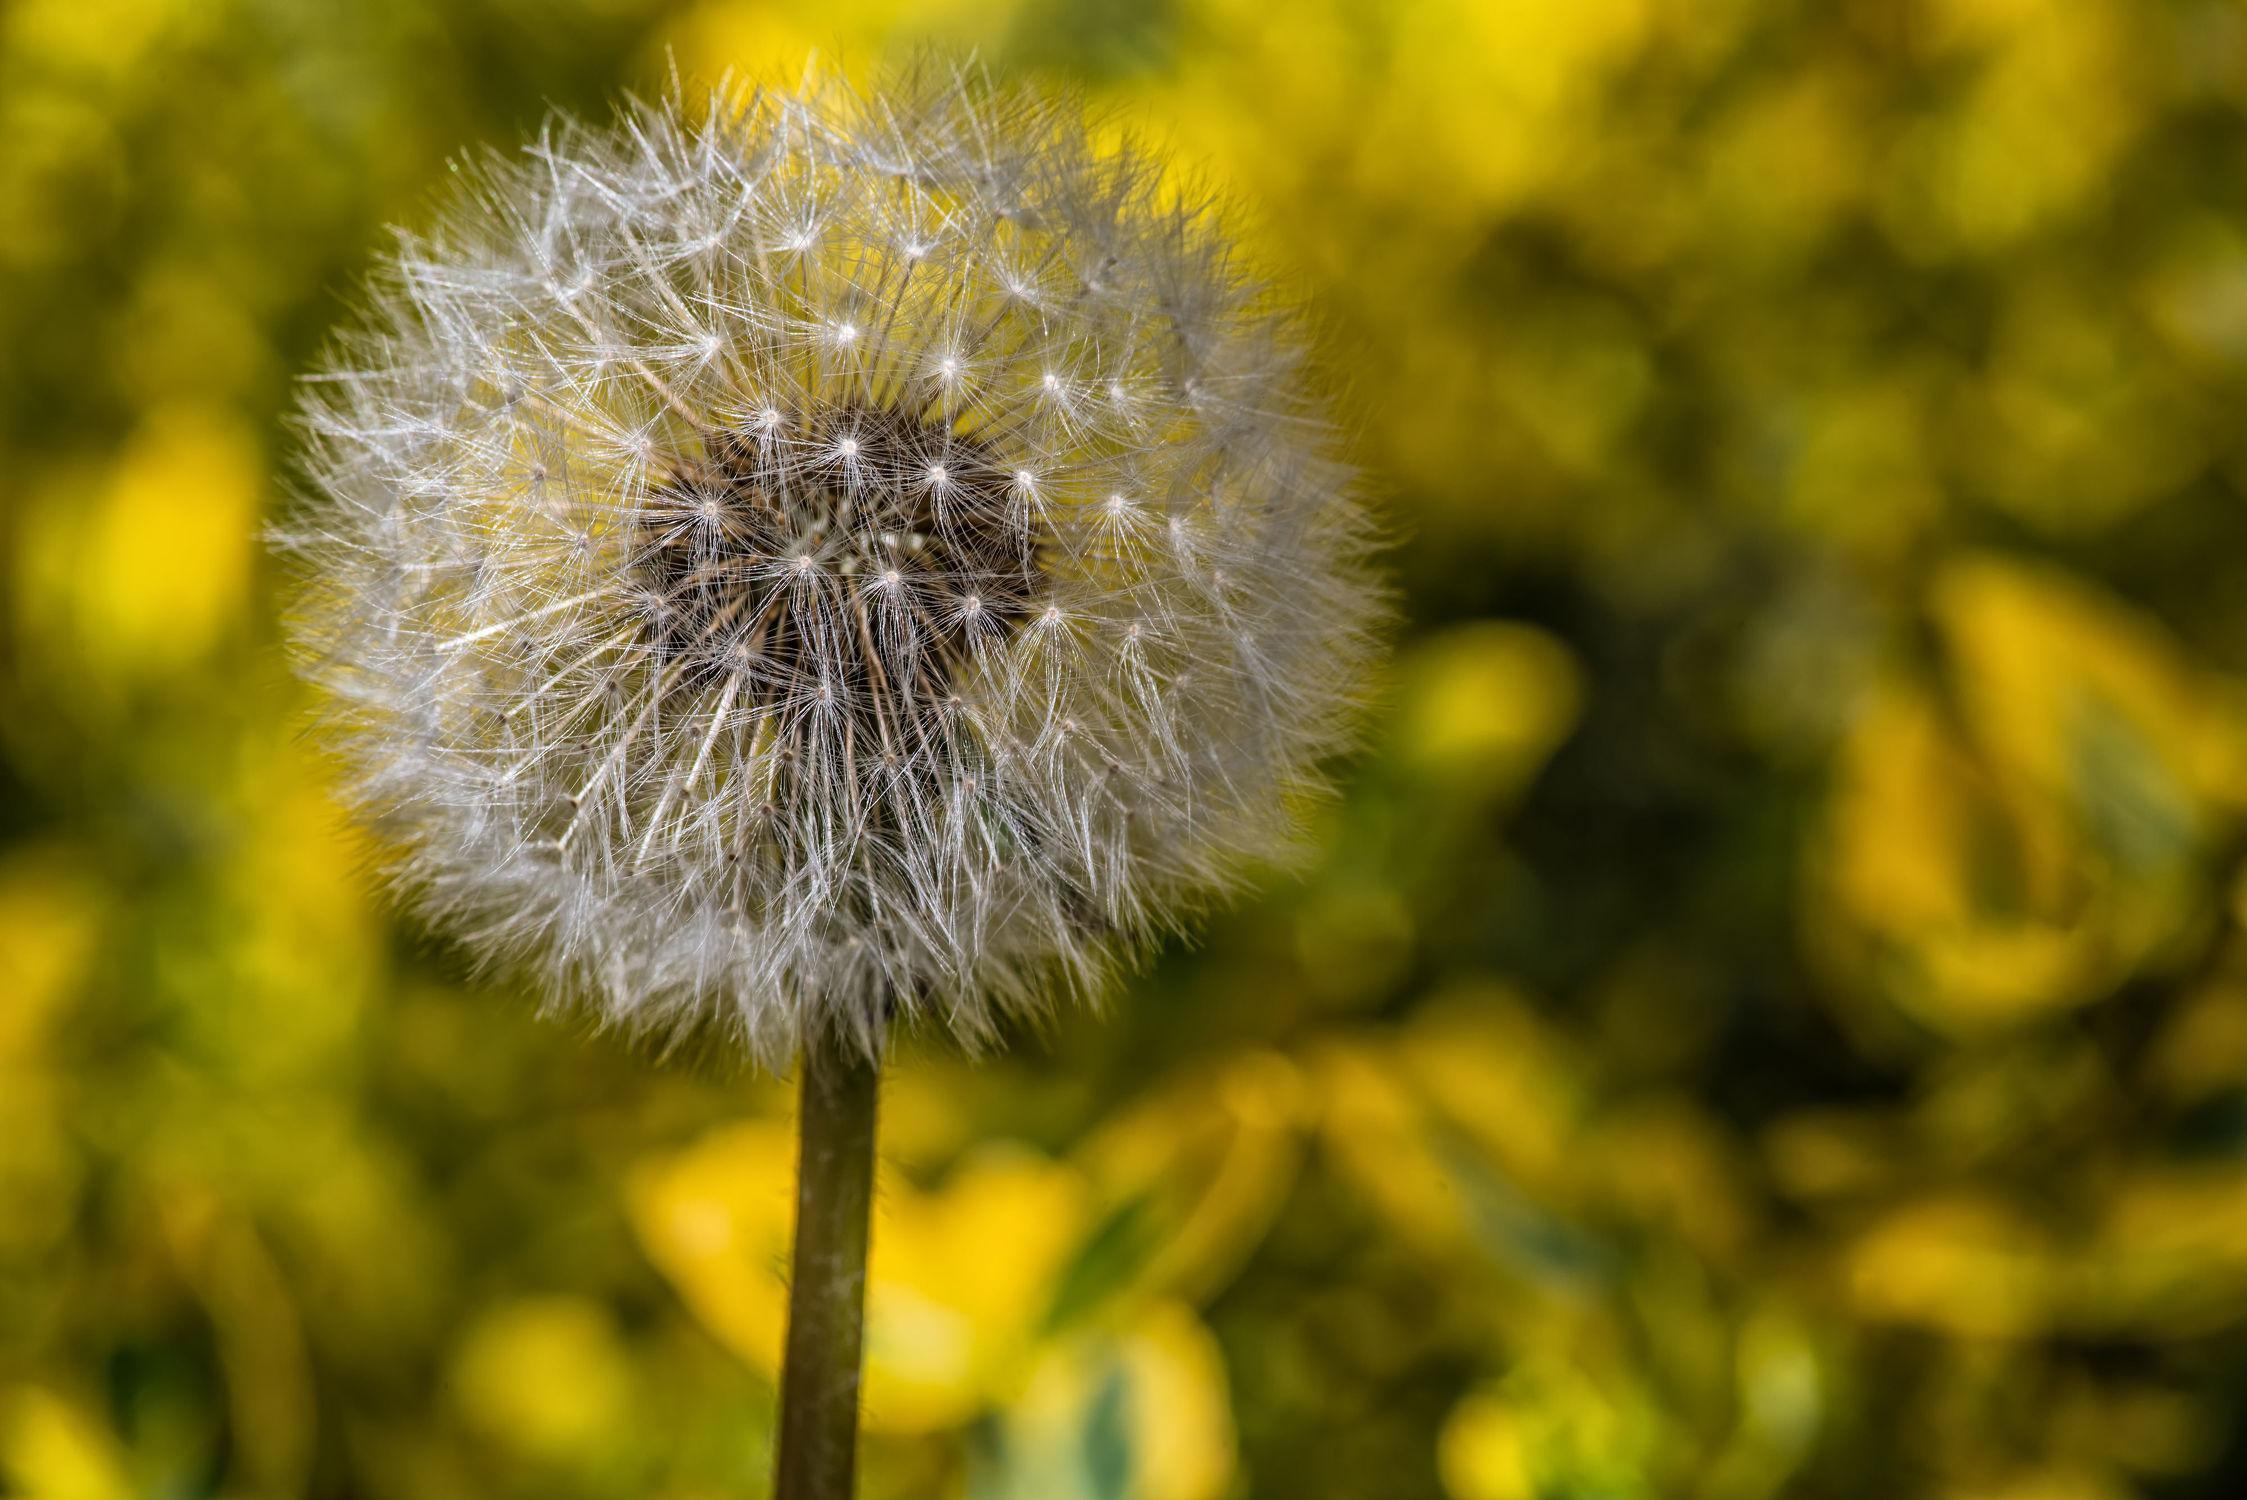 Bild mit Sommer, Sonne, Blume, Pflanze, Makro, Licht, Löwenzahn, Pusteblume, garten, nahaufnahme, Schatten, Butterblume, Fruehling